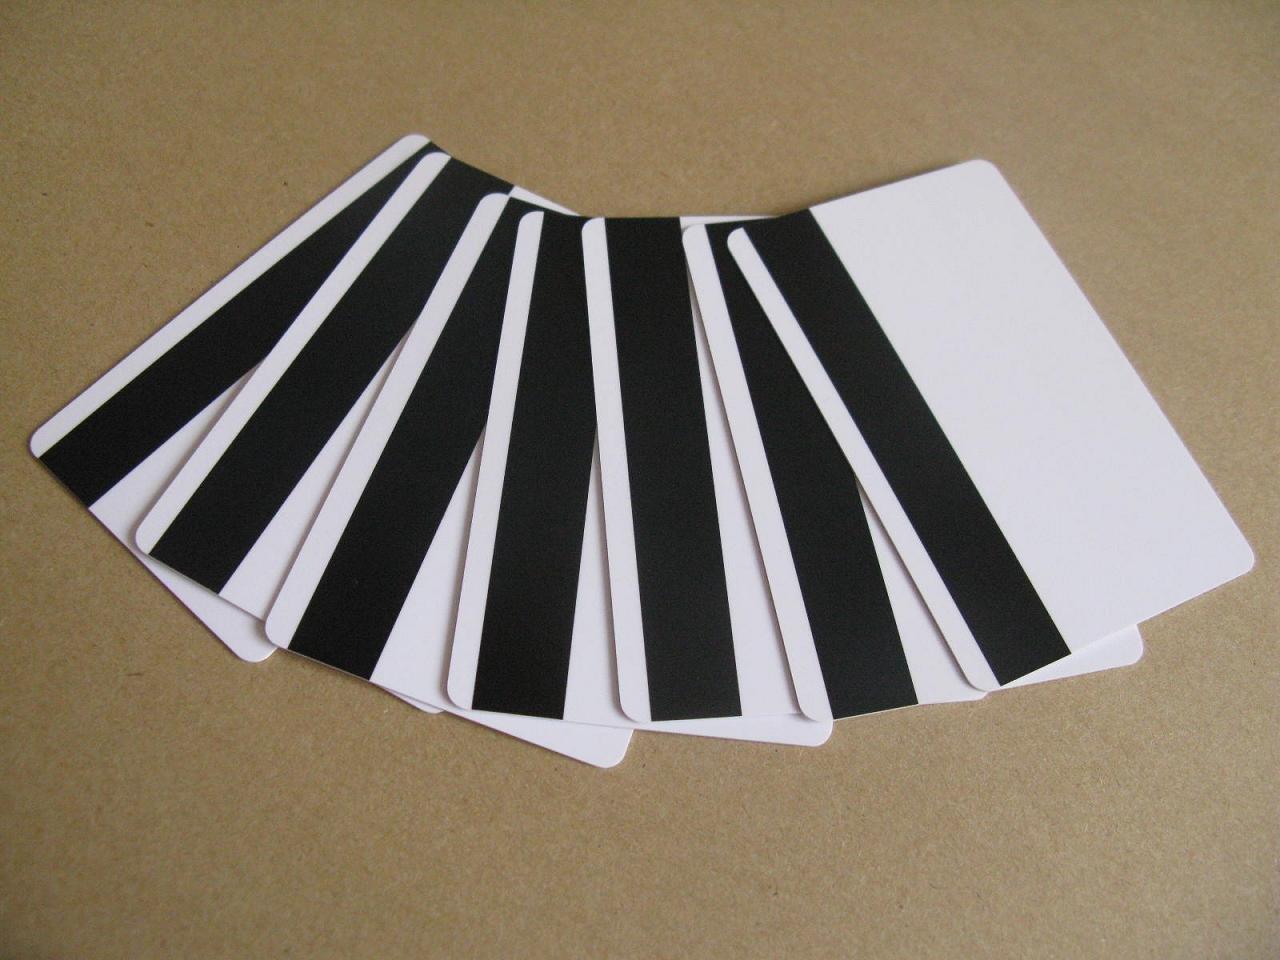 Изготовление пластиковых карт с магнитной полосой в Москве   фото 6